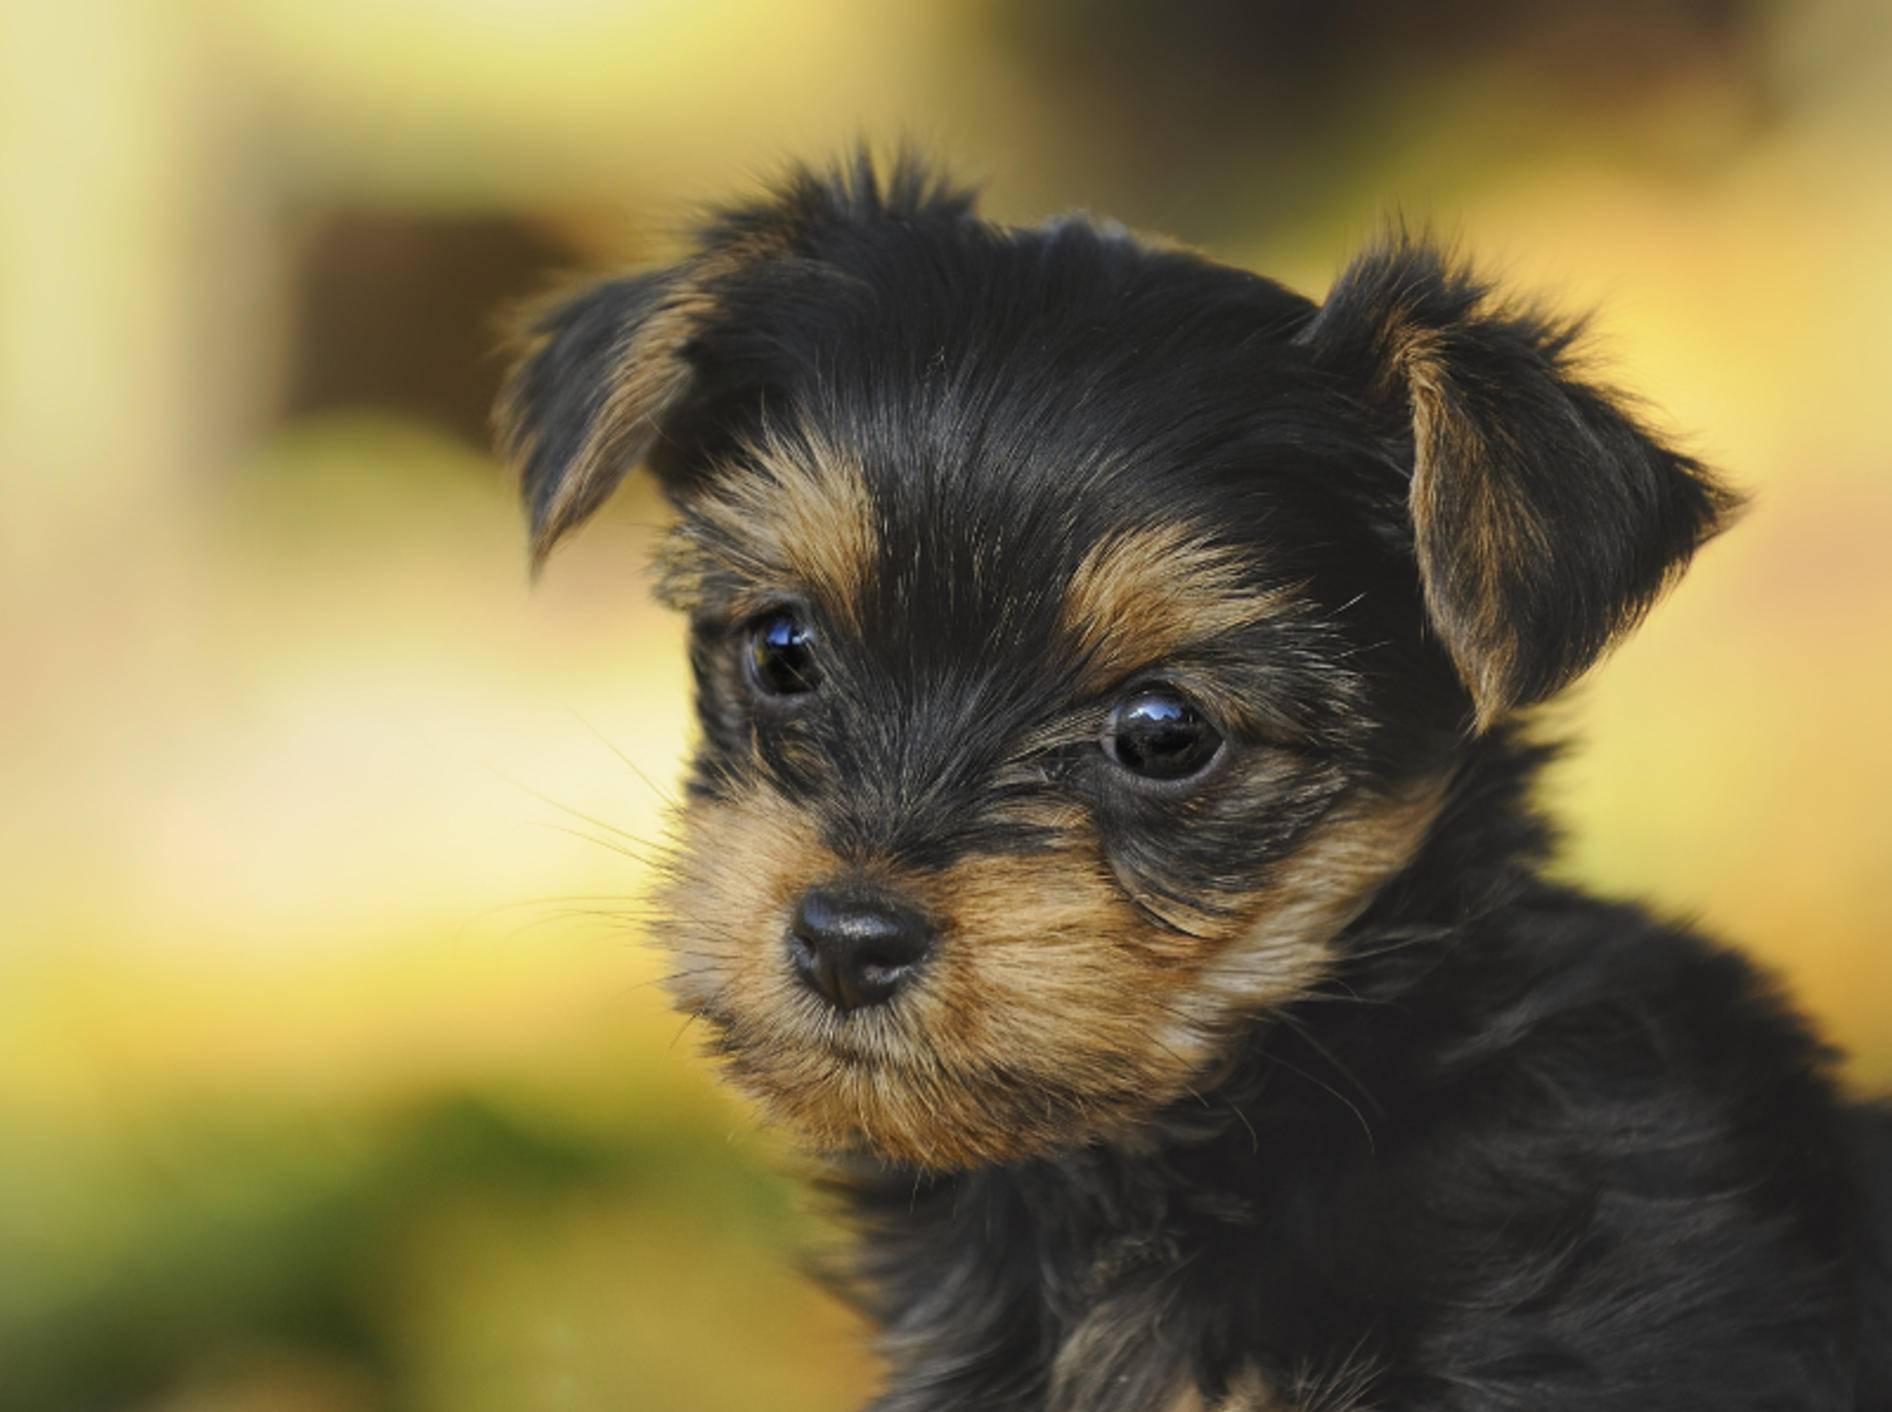 Mit seinem niedlichen Gesicht erwärmt dieser Yorkshire Terrier jedes Herz – Bild: Shutterstock / AnetaPics